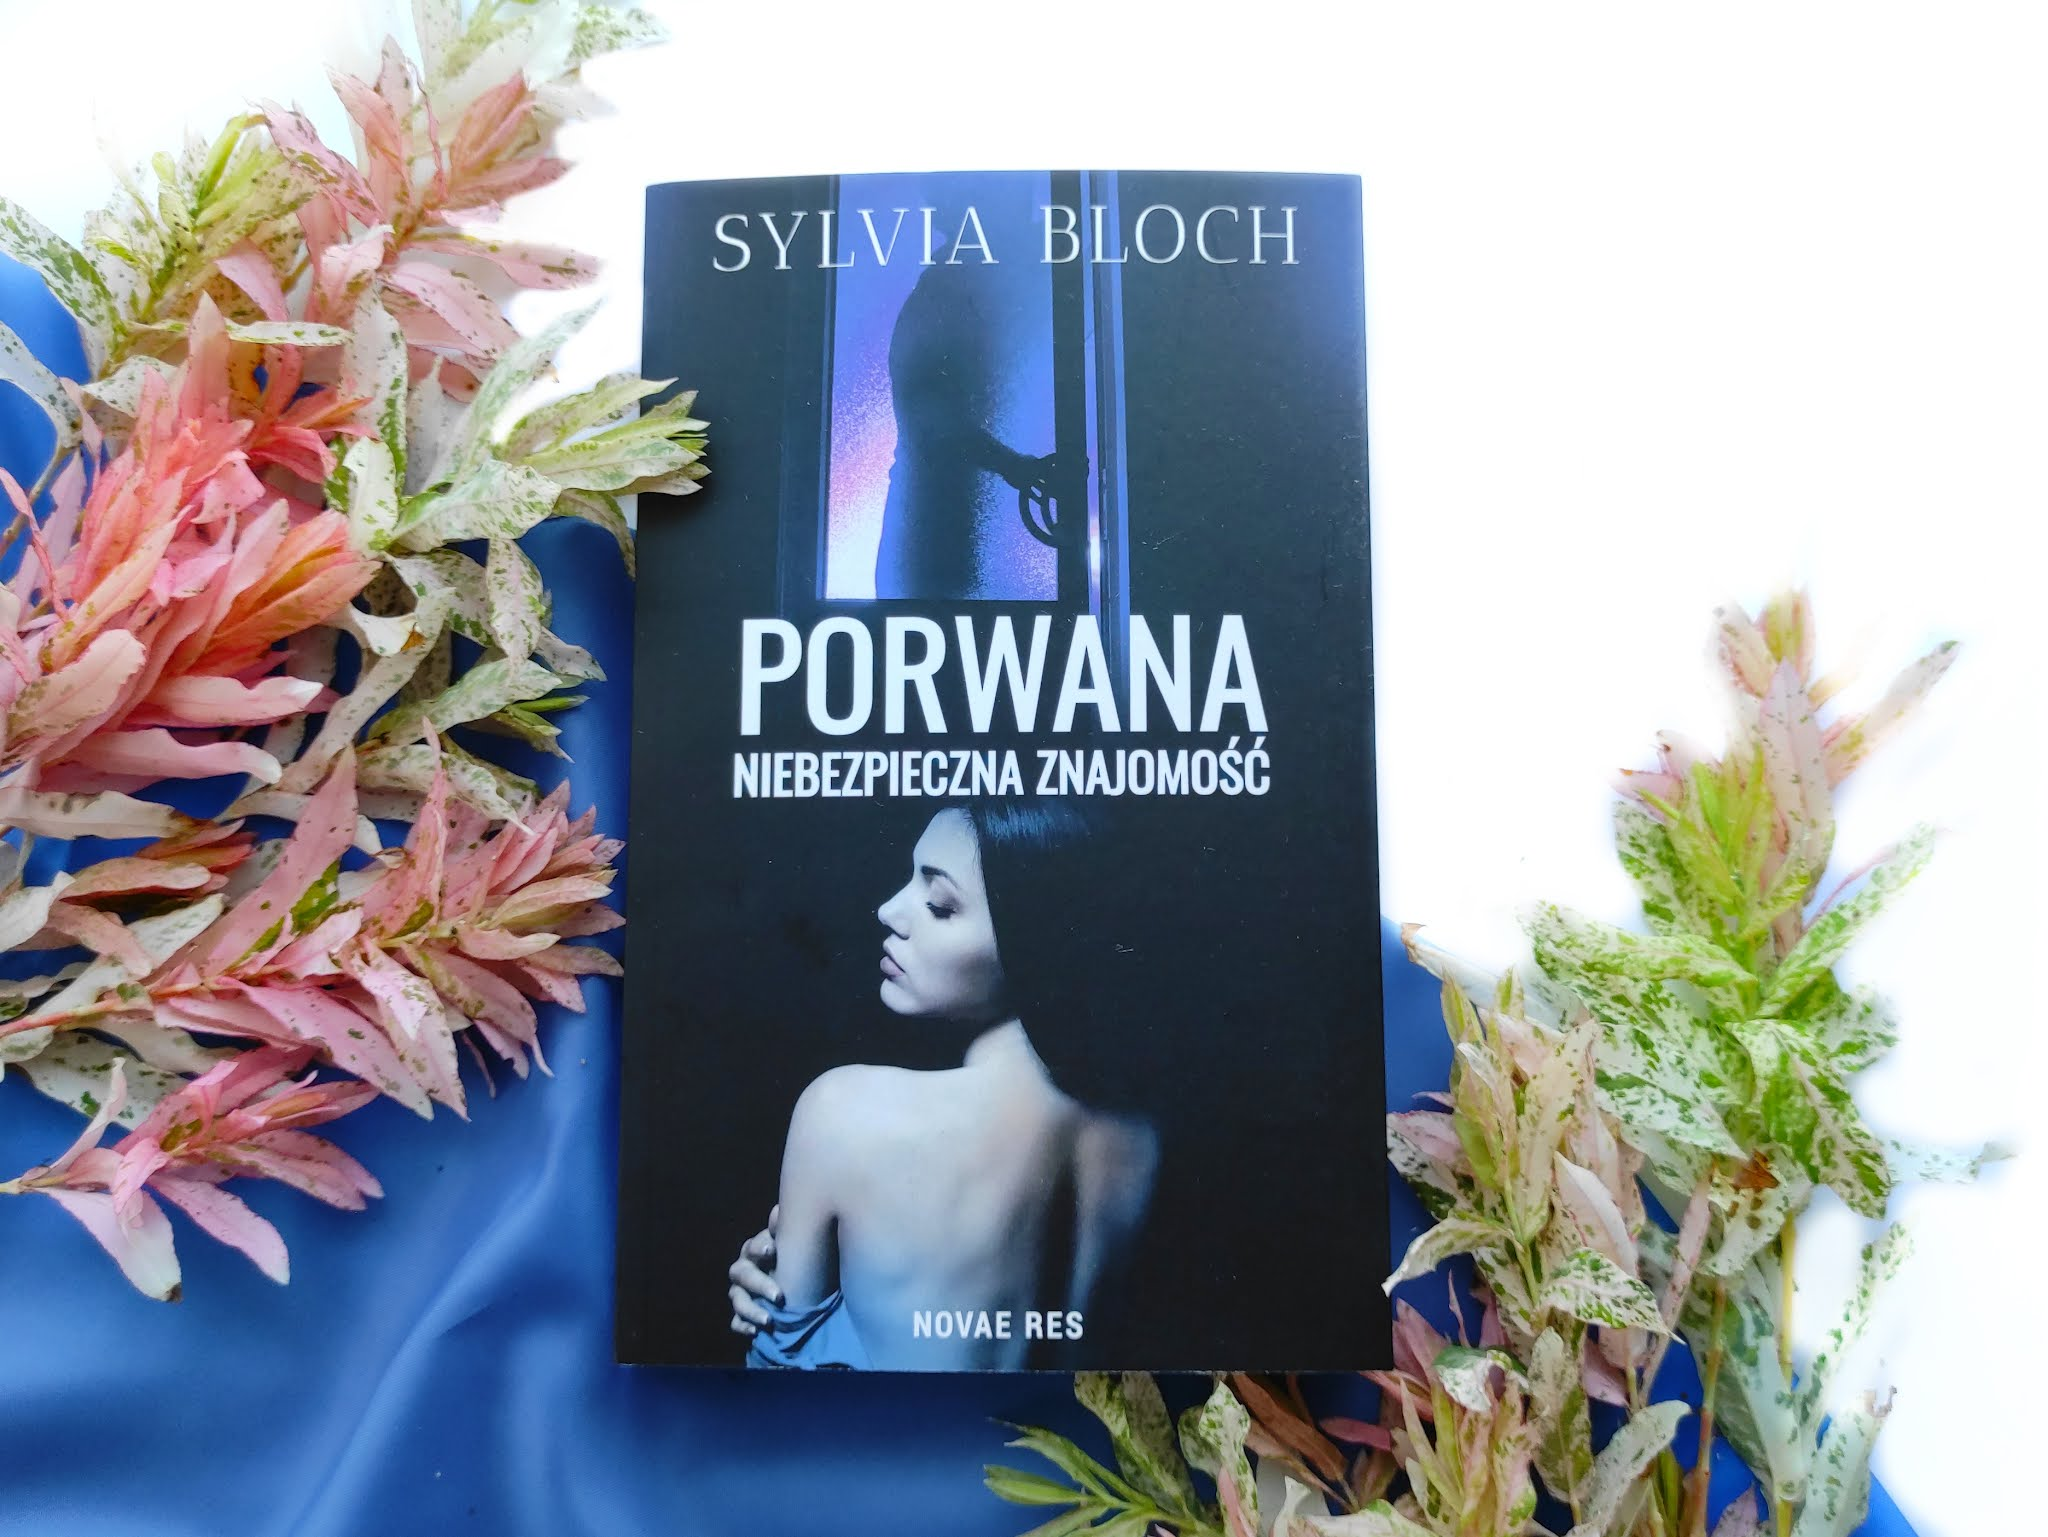 """""""Porwana. Niebezpieczna znajomość"""", Sylvia Bloch"""